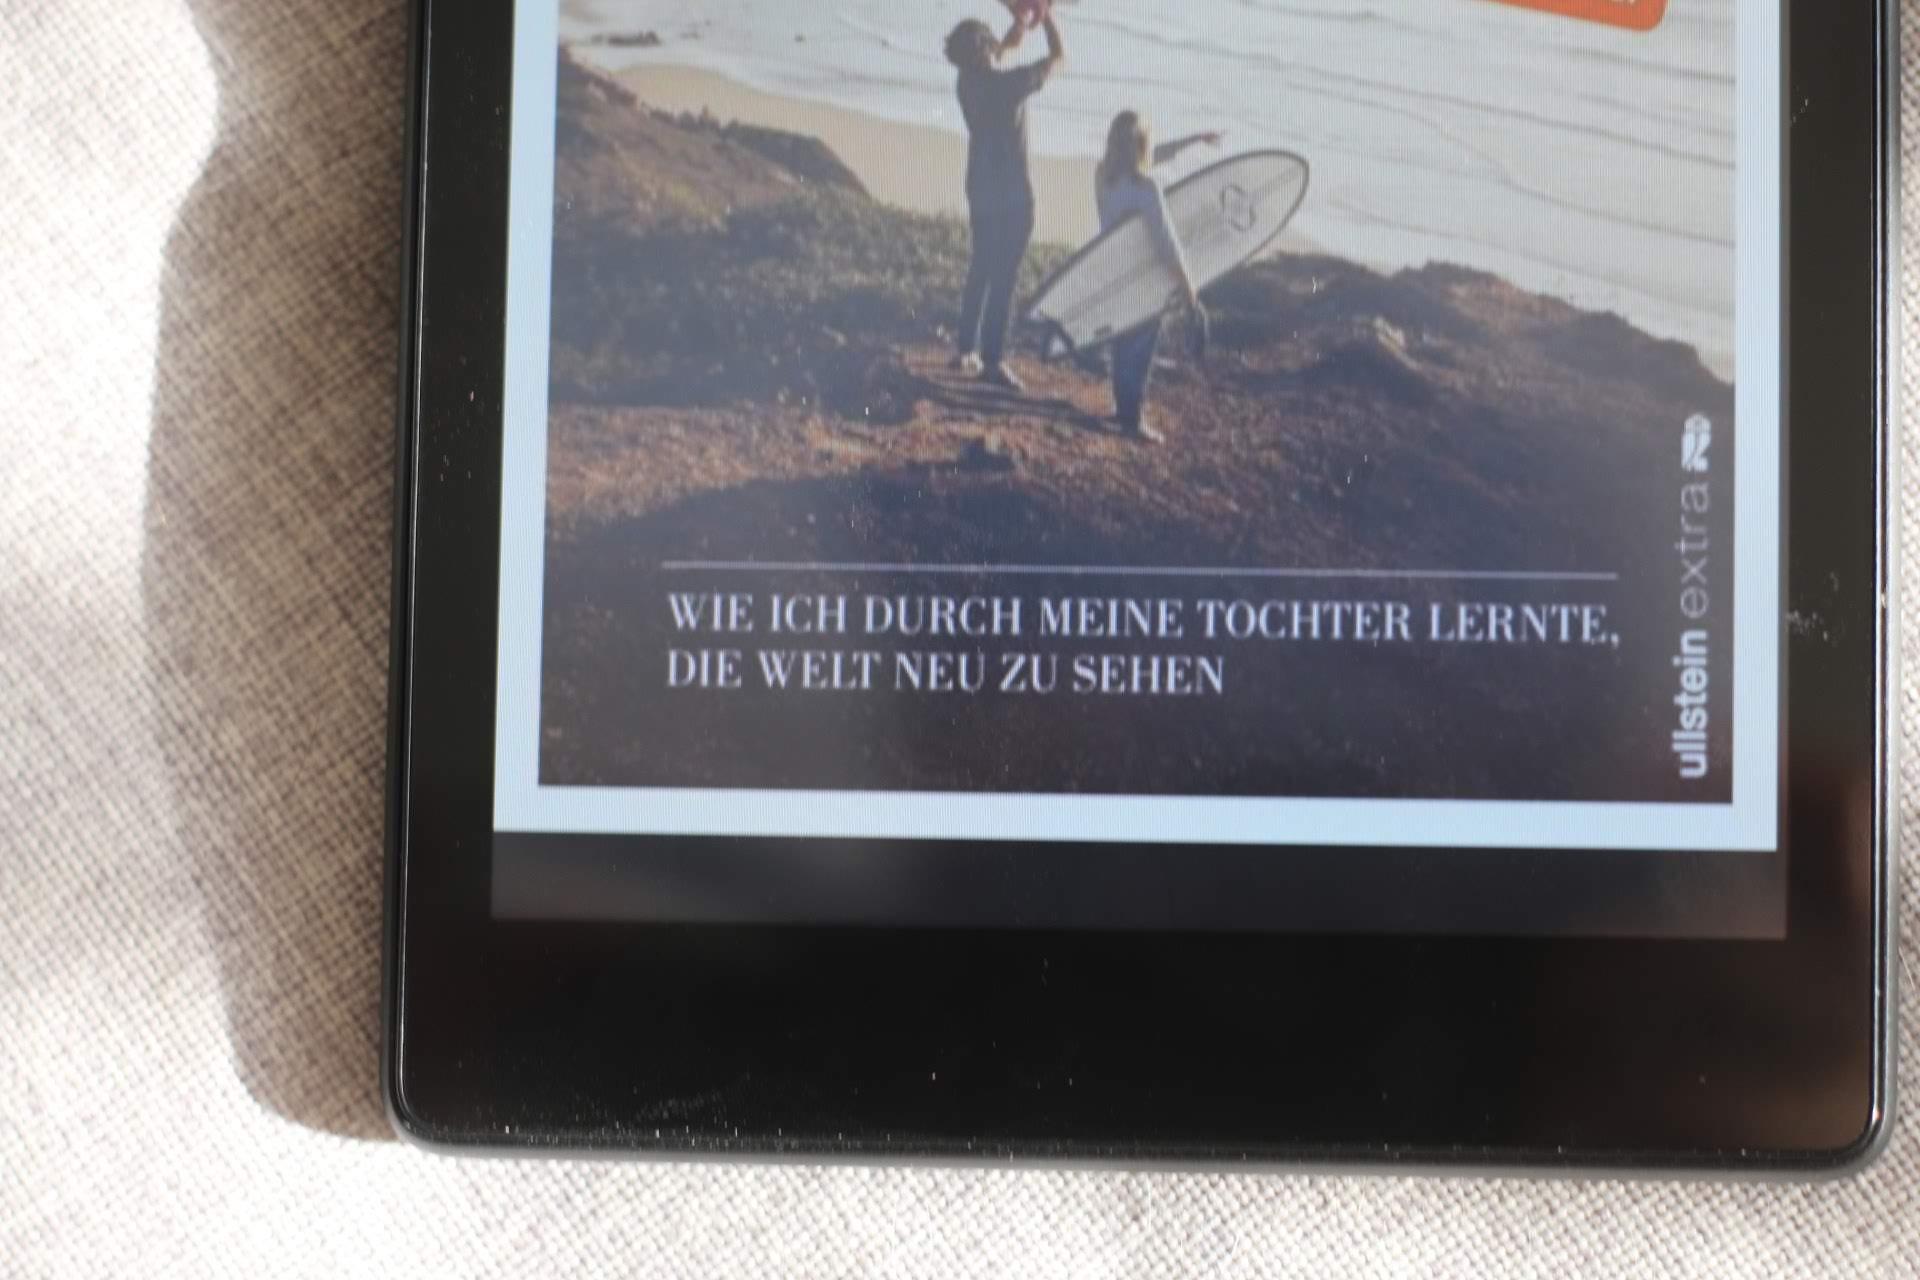 Fabian Sixtus Körner Mit anderen Augen Journeyman Ullstein Verlag Yanti Down Syndrom Trisomie 21 Superhero reisen Reisebericht travel Sachbuch eBook Netgalley